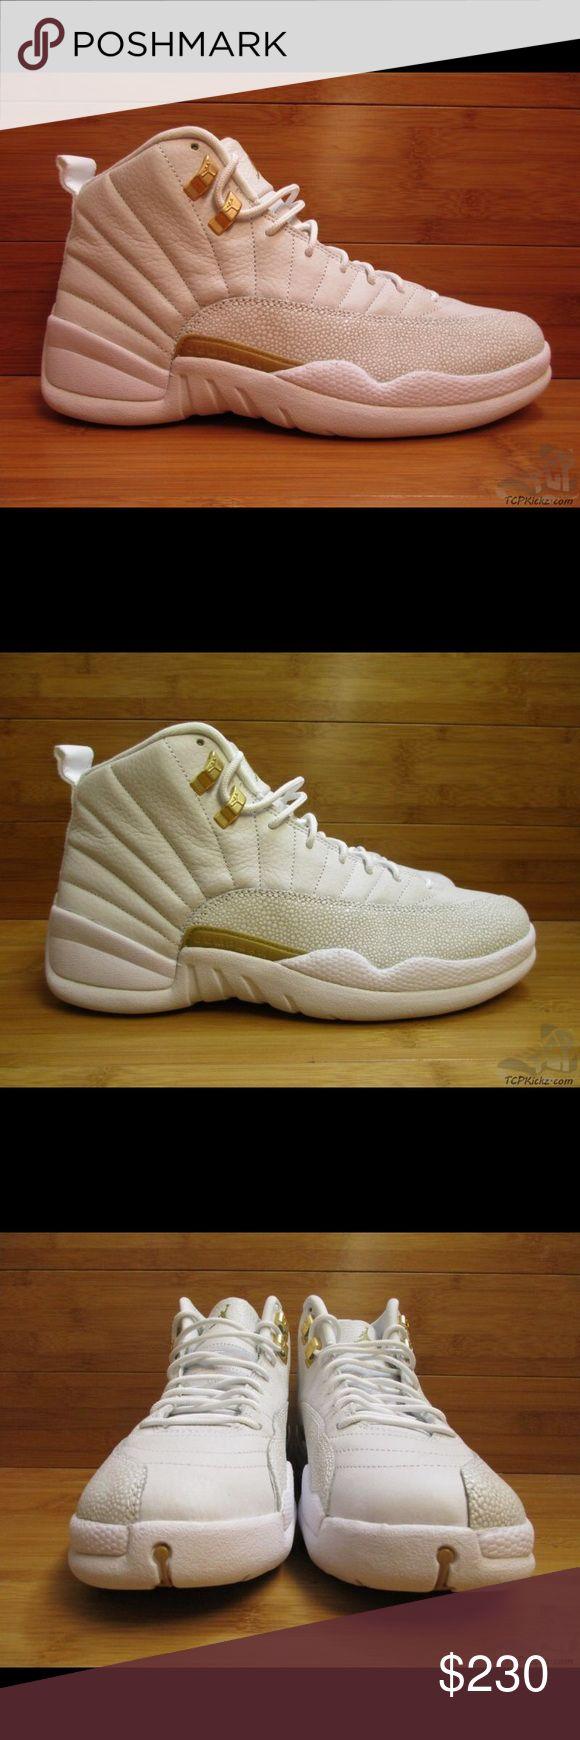 Air Jordan OvO 12s Brand New 100% Authentic Jordan Shoes Sneakers